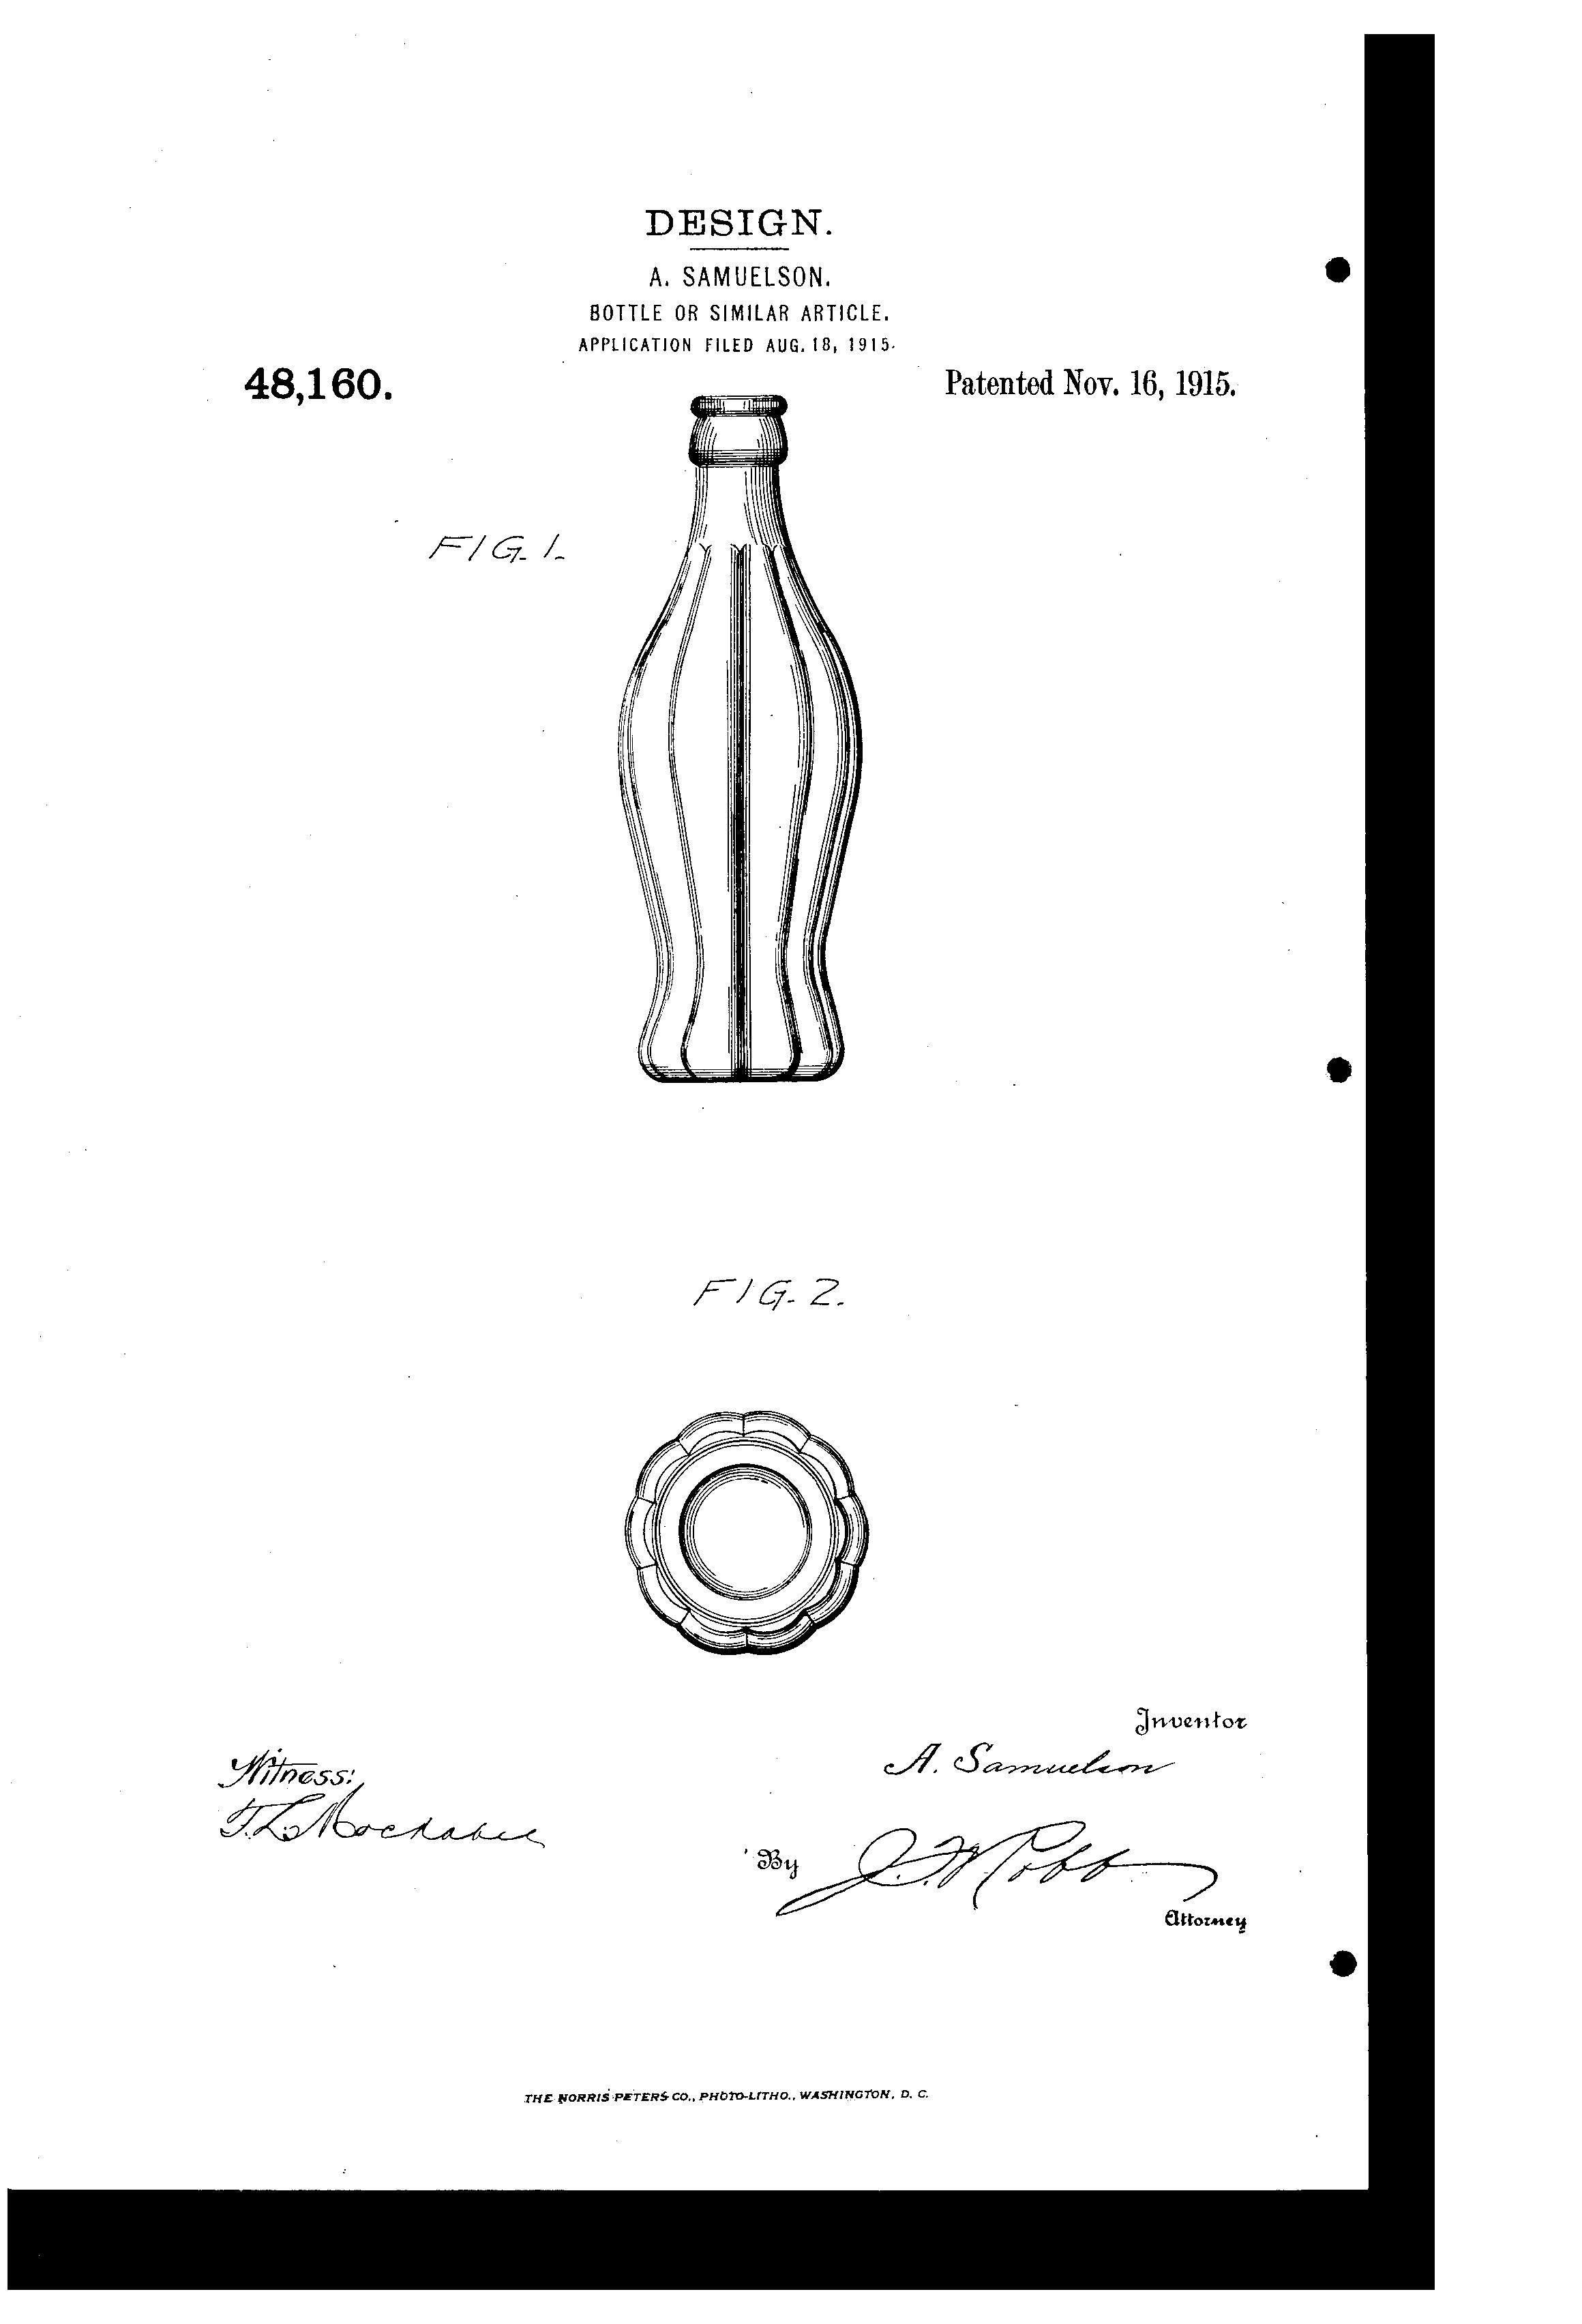 El origen del diseño de la botella de Coca-Cola, esta es la razón por la que adoptó esa forma